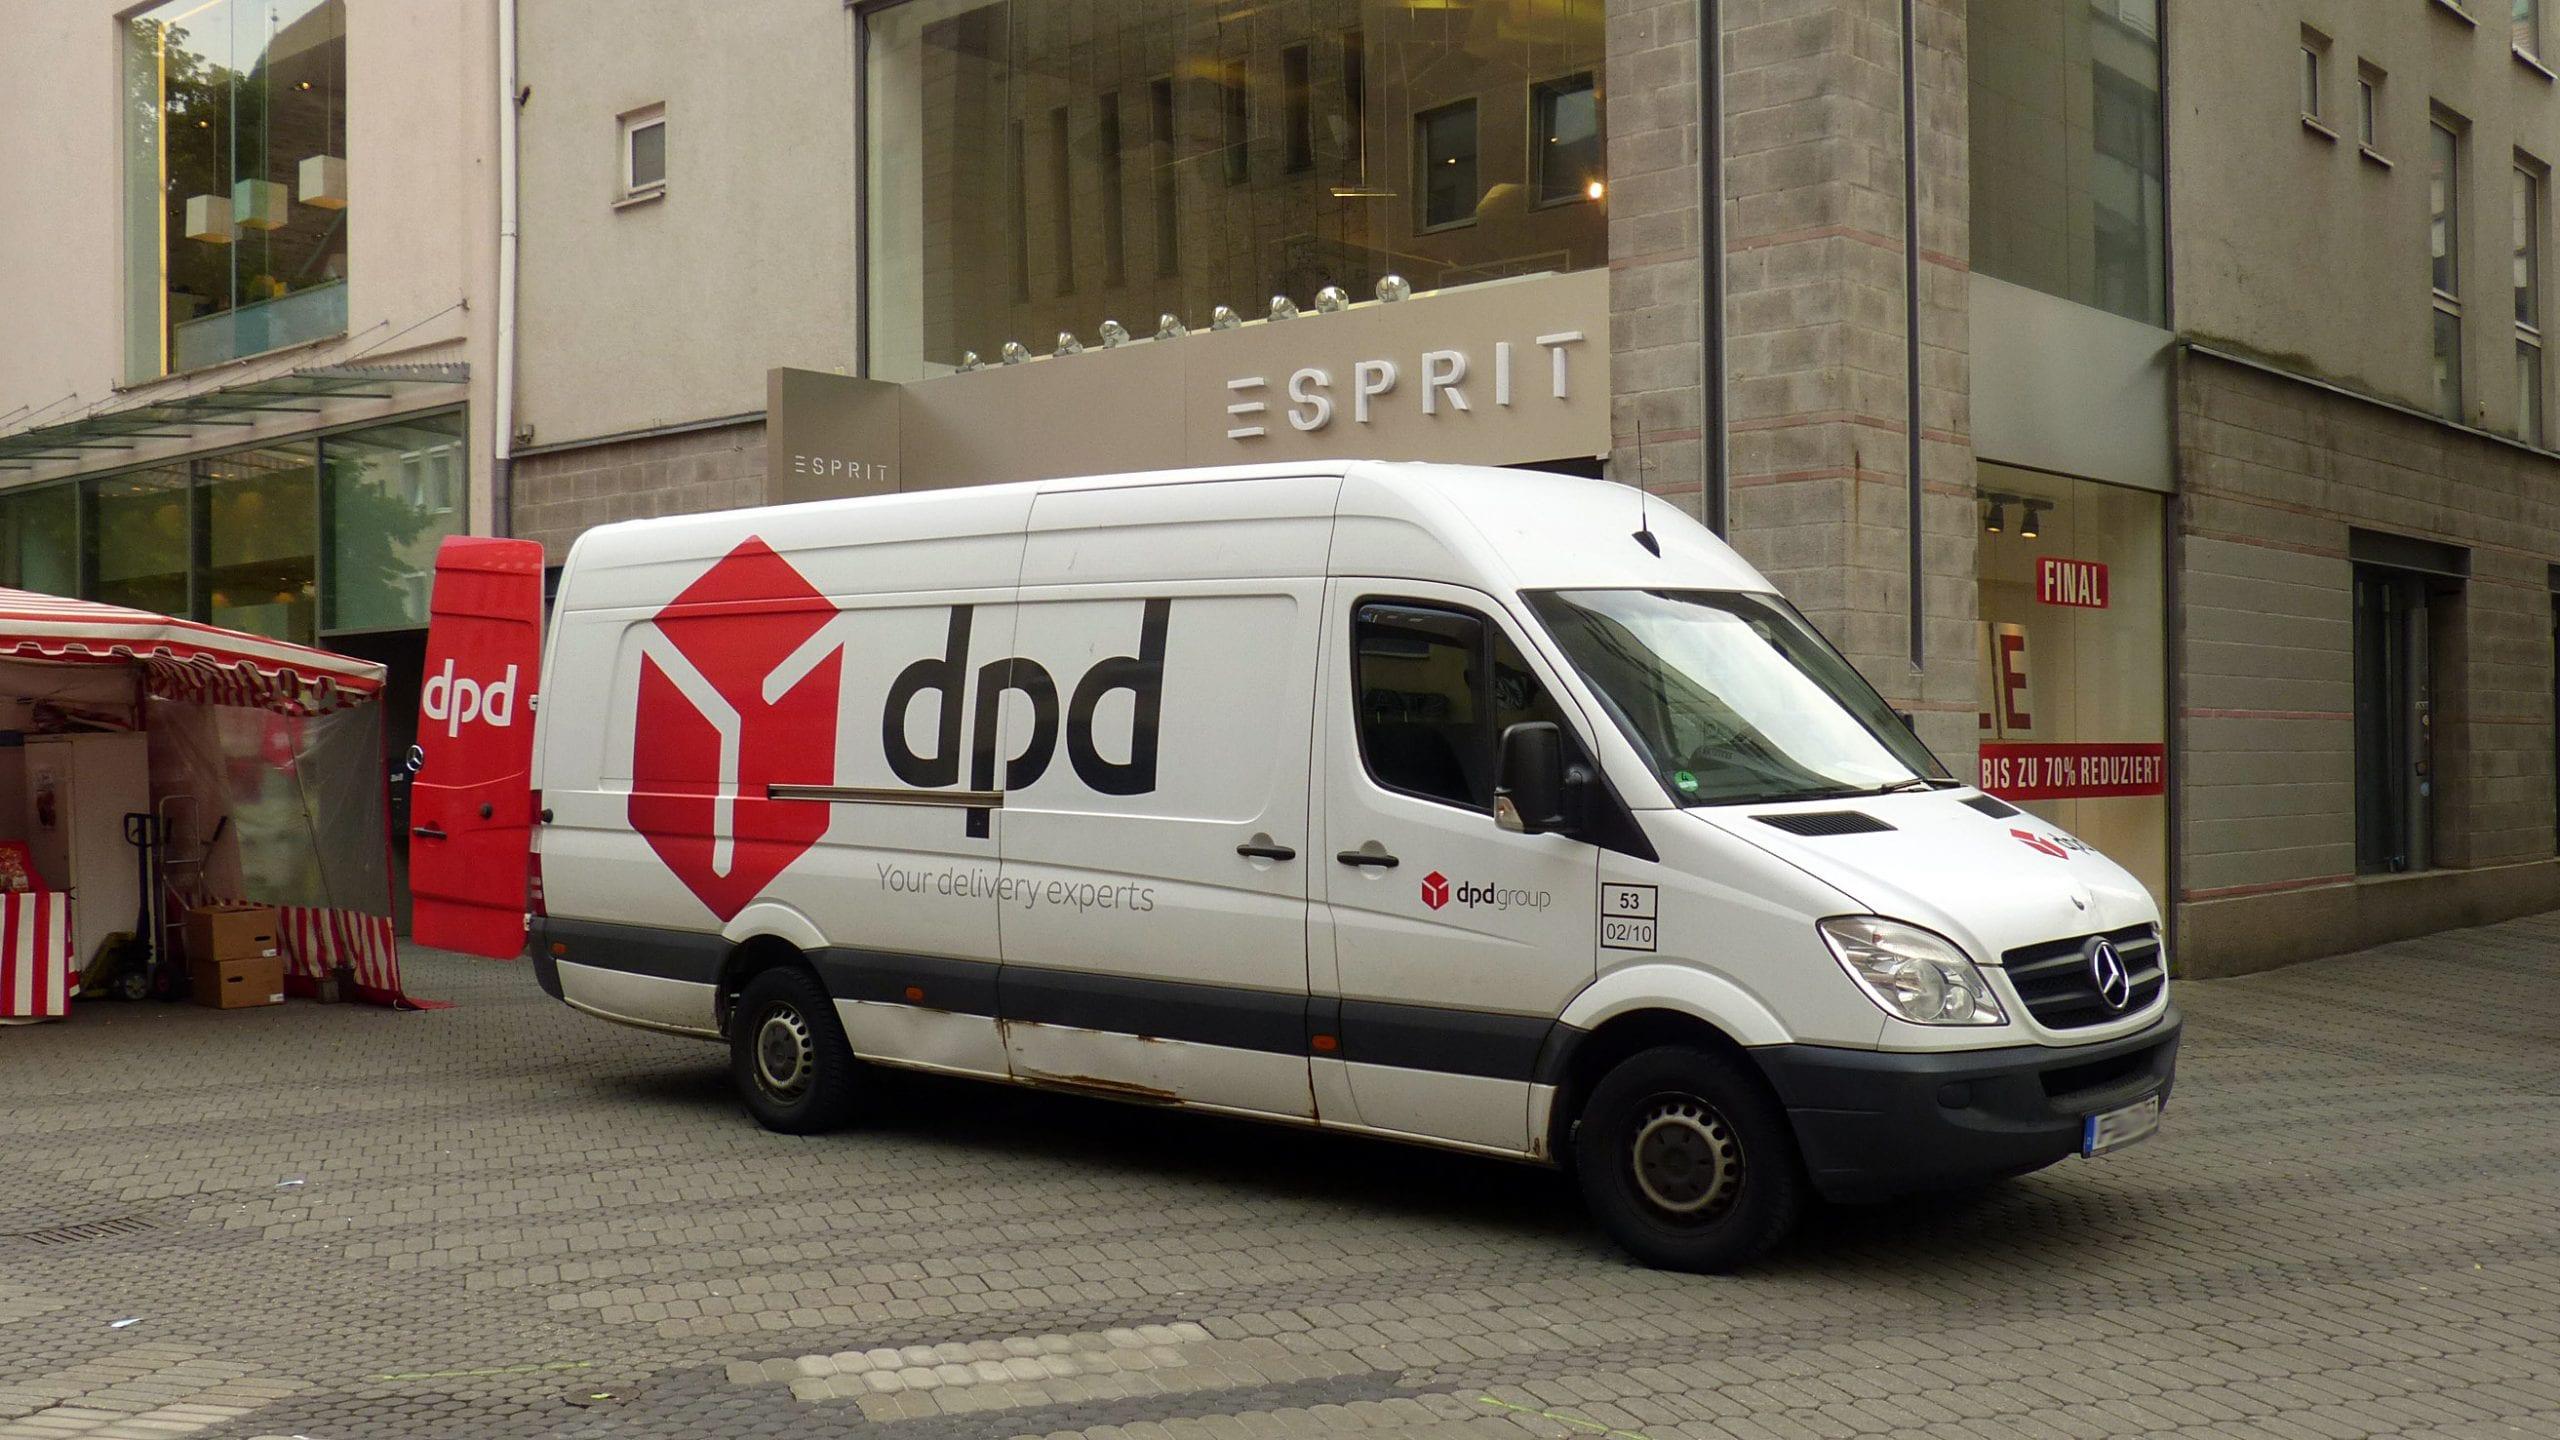 Work21 - DPD